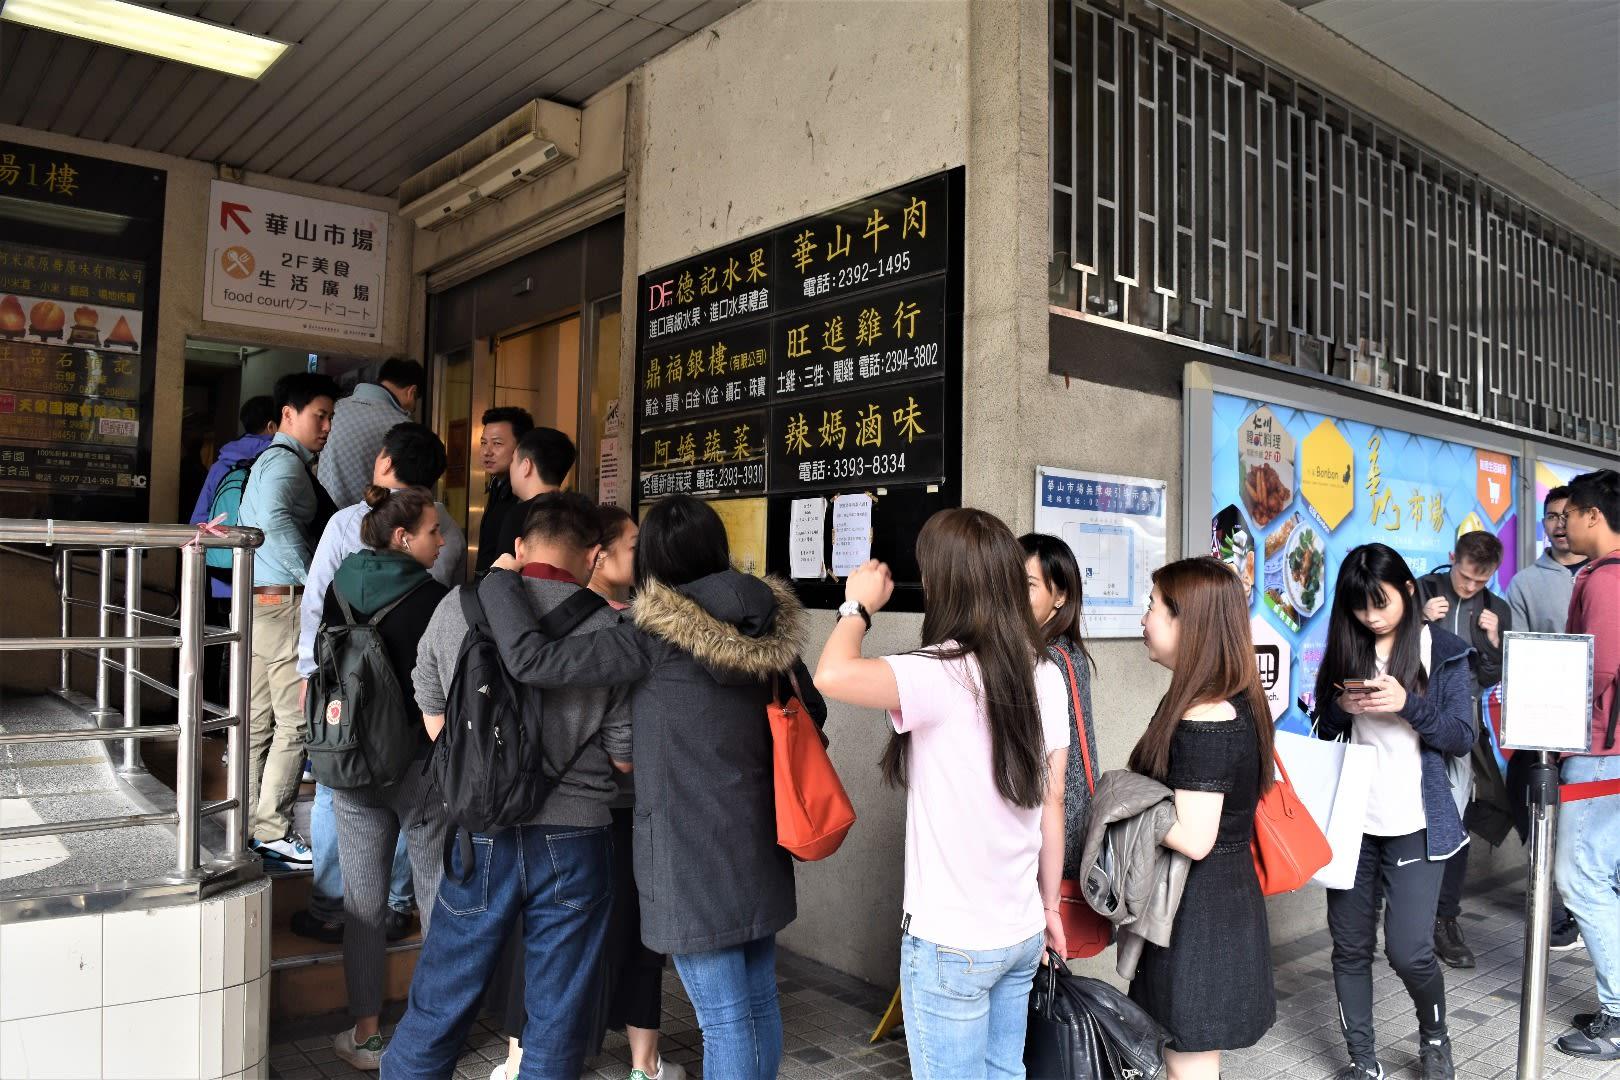 Long queues at Fu Hang Dou Jiang